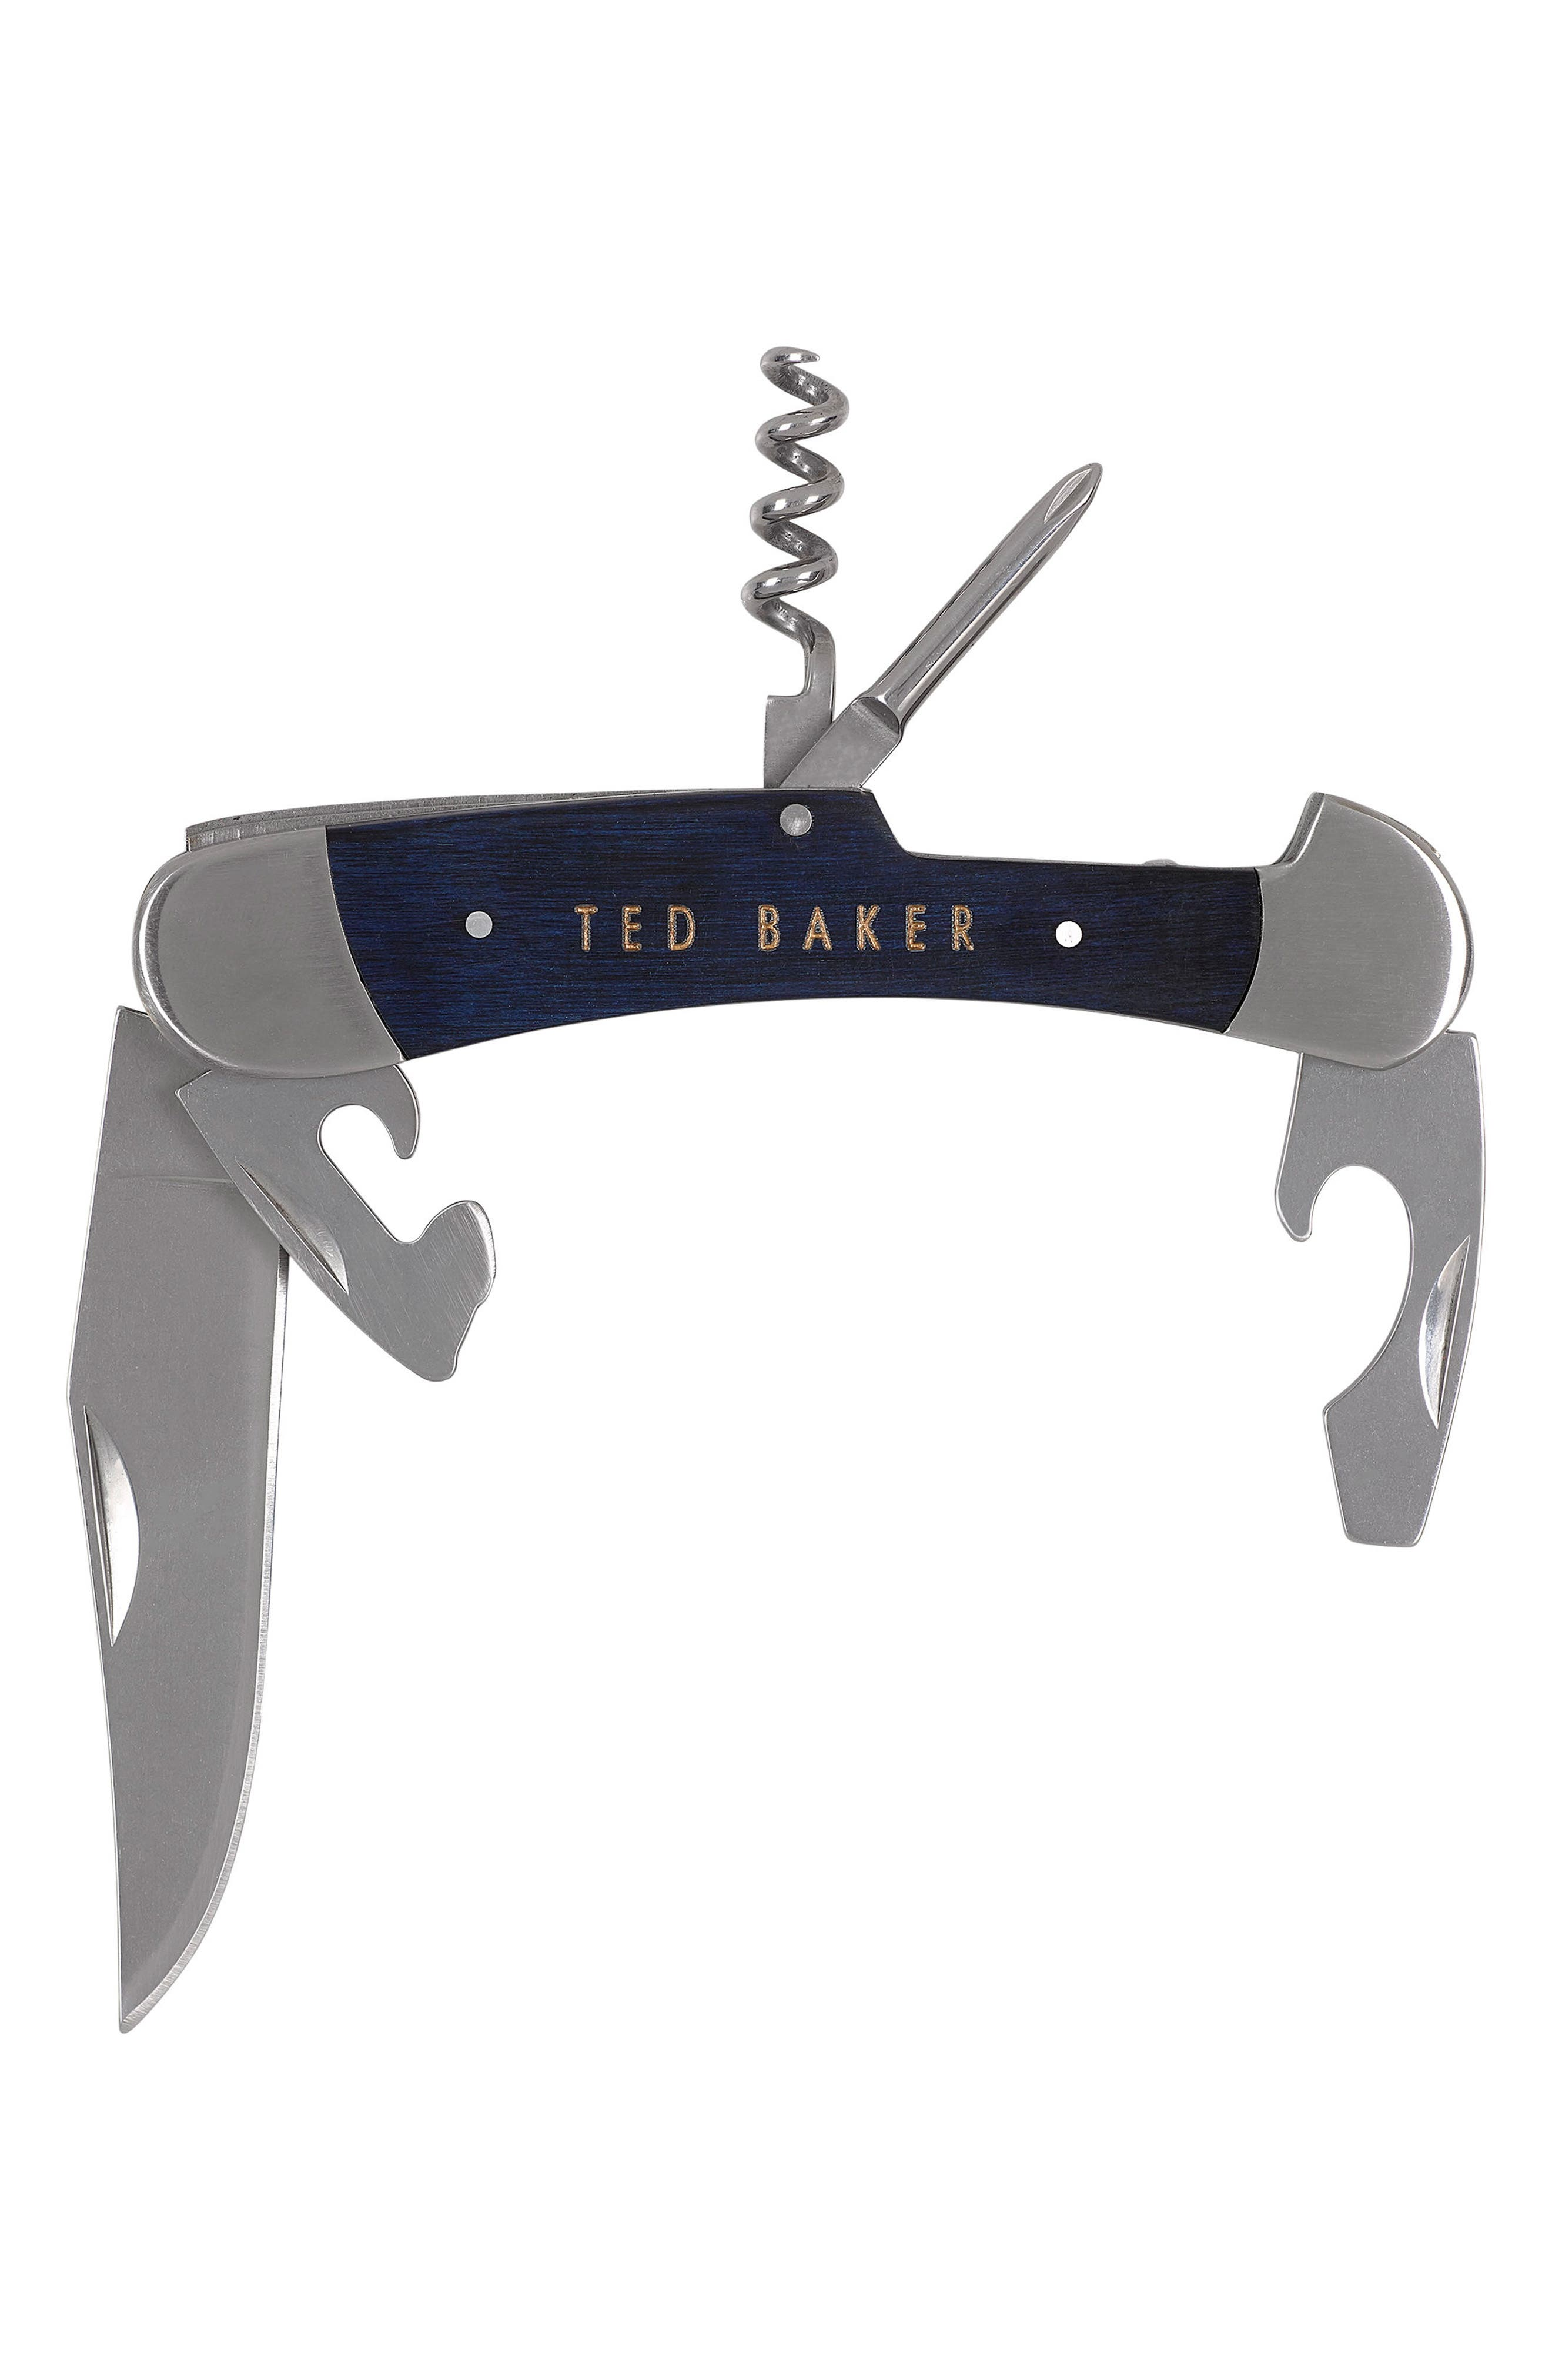 Multi-Tool Pen Knife,                             Alternate thumbnail 2, color,                             400